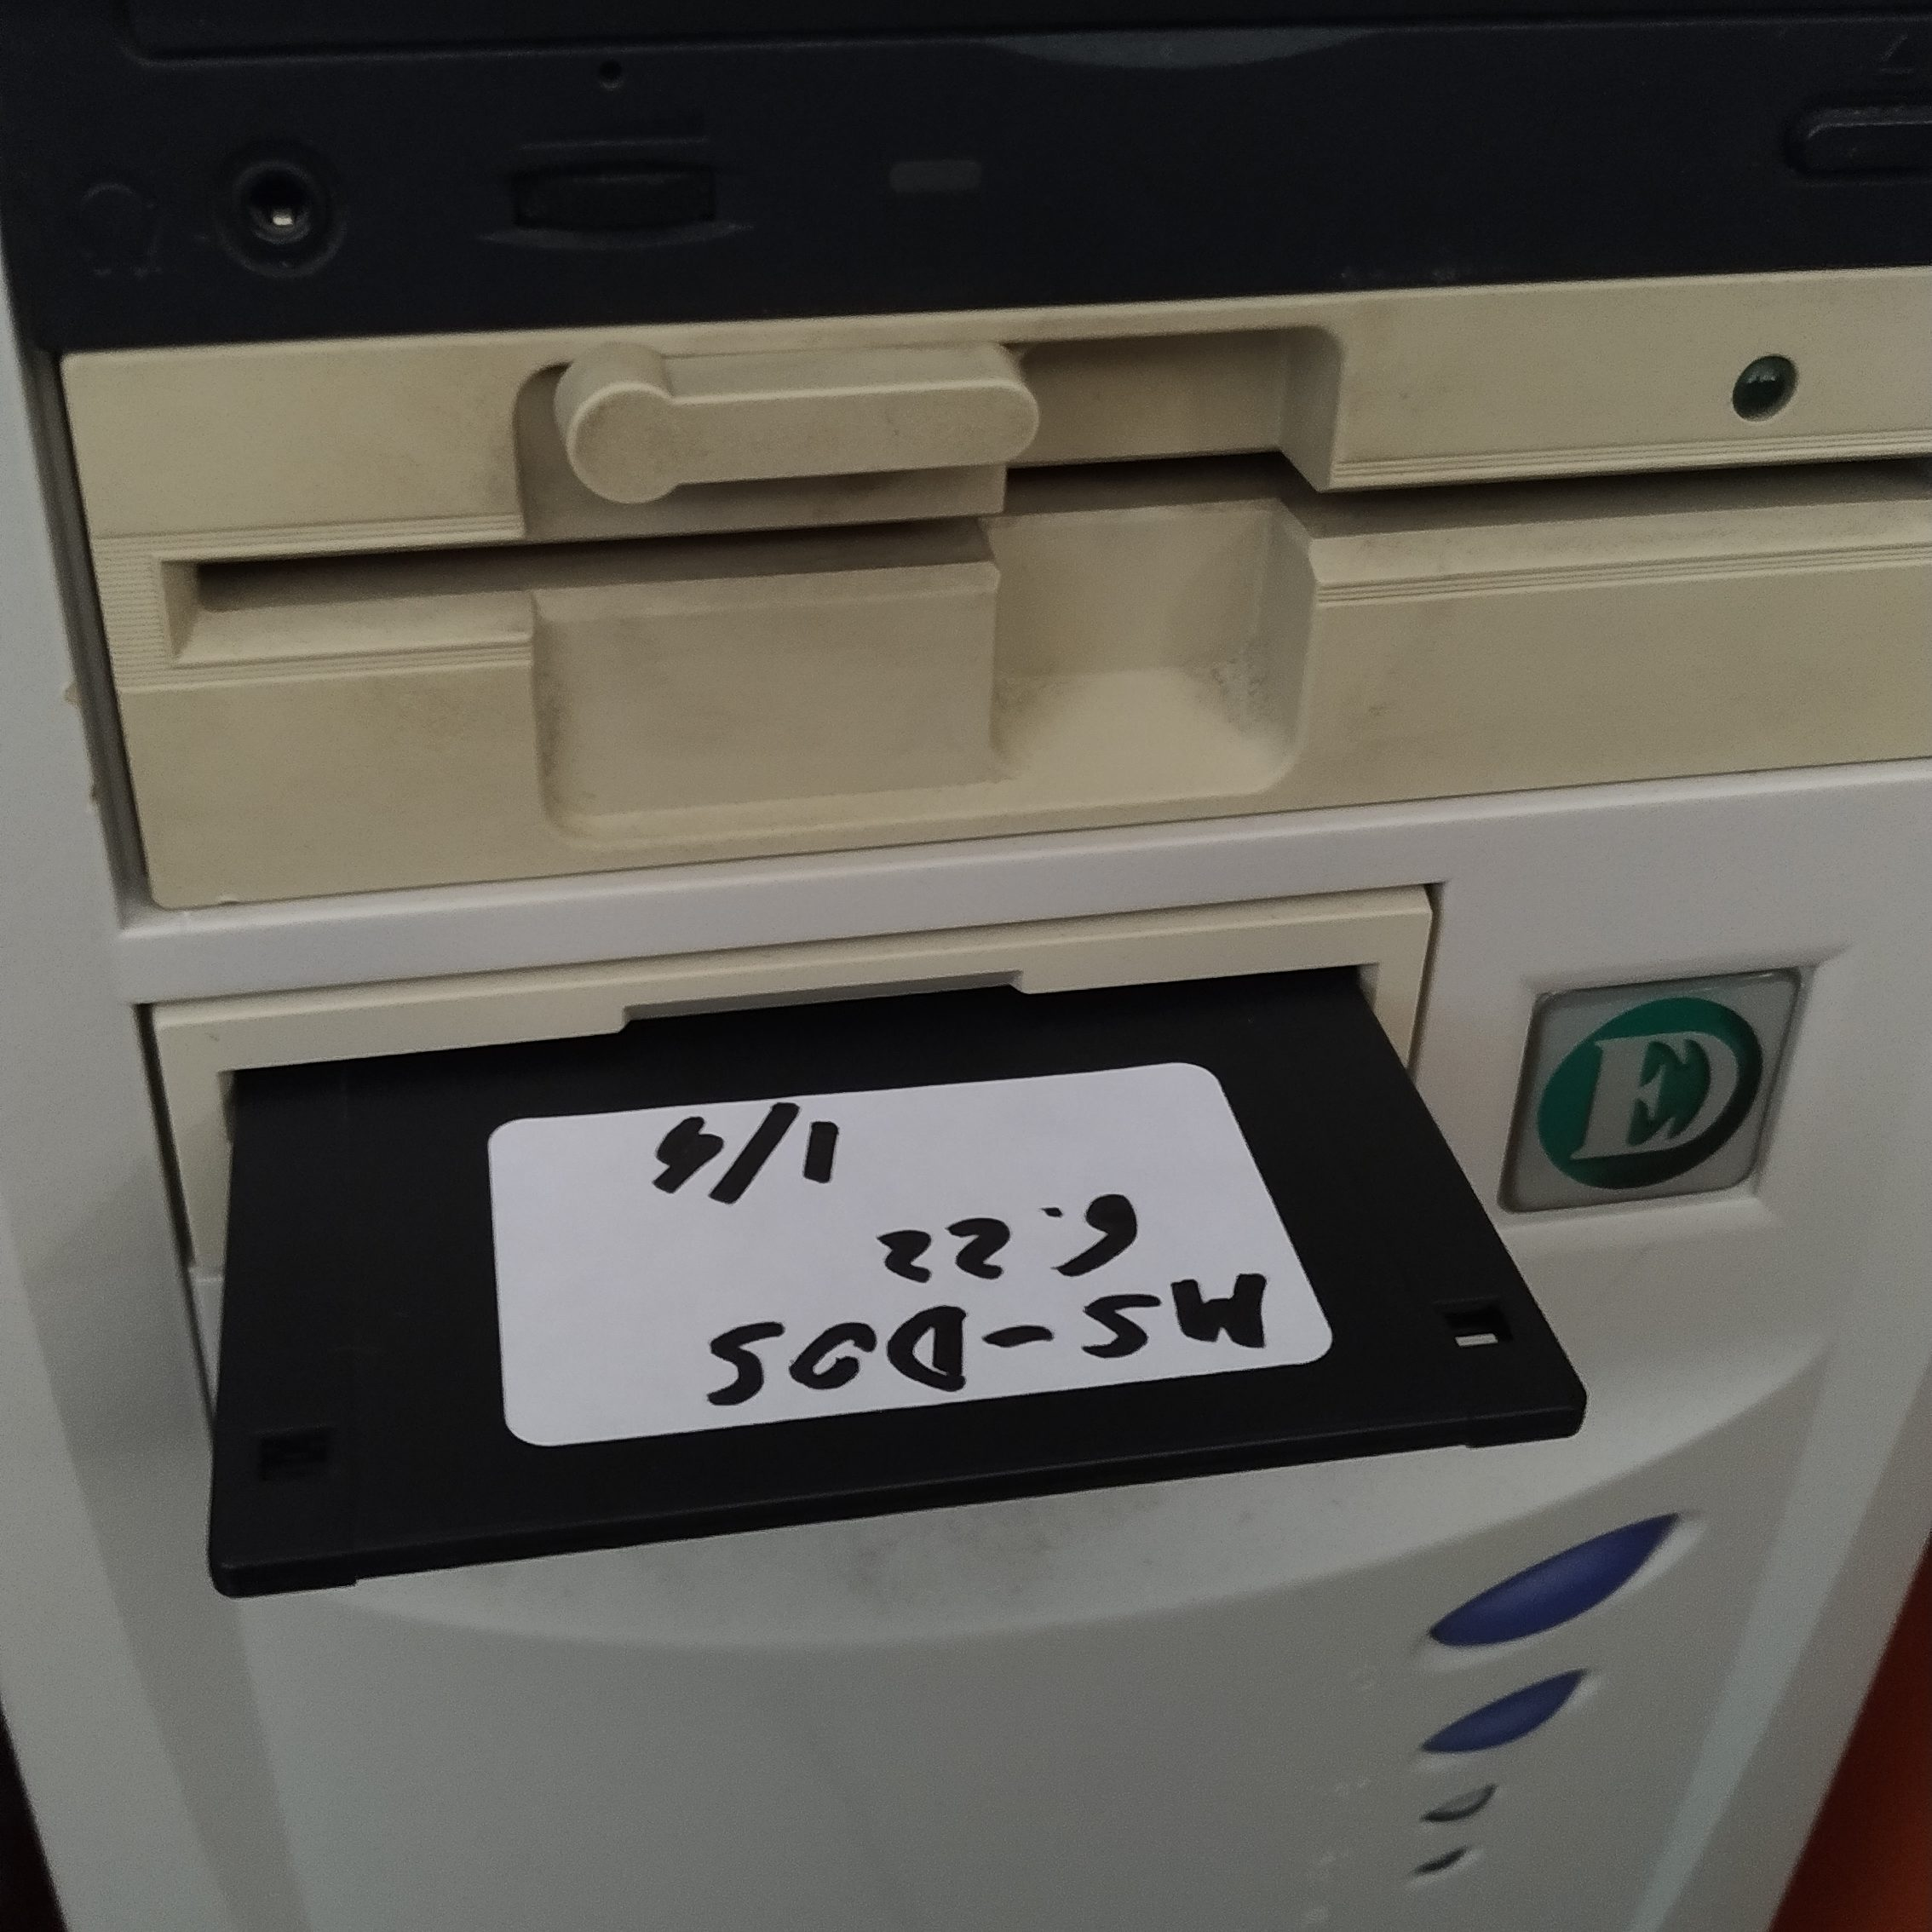 floppy dos 6.22 e lettori floppy da 3.5 5.25